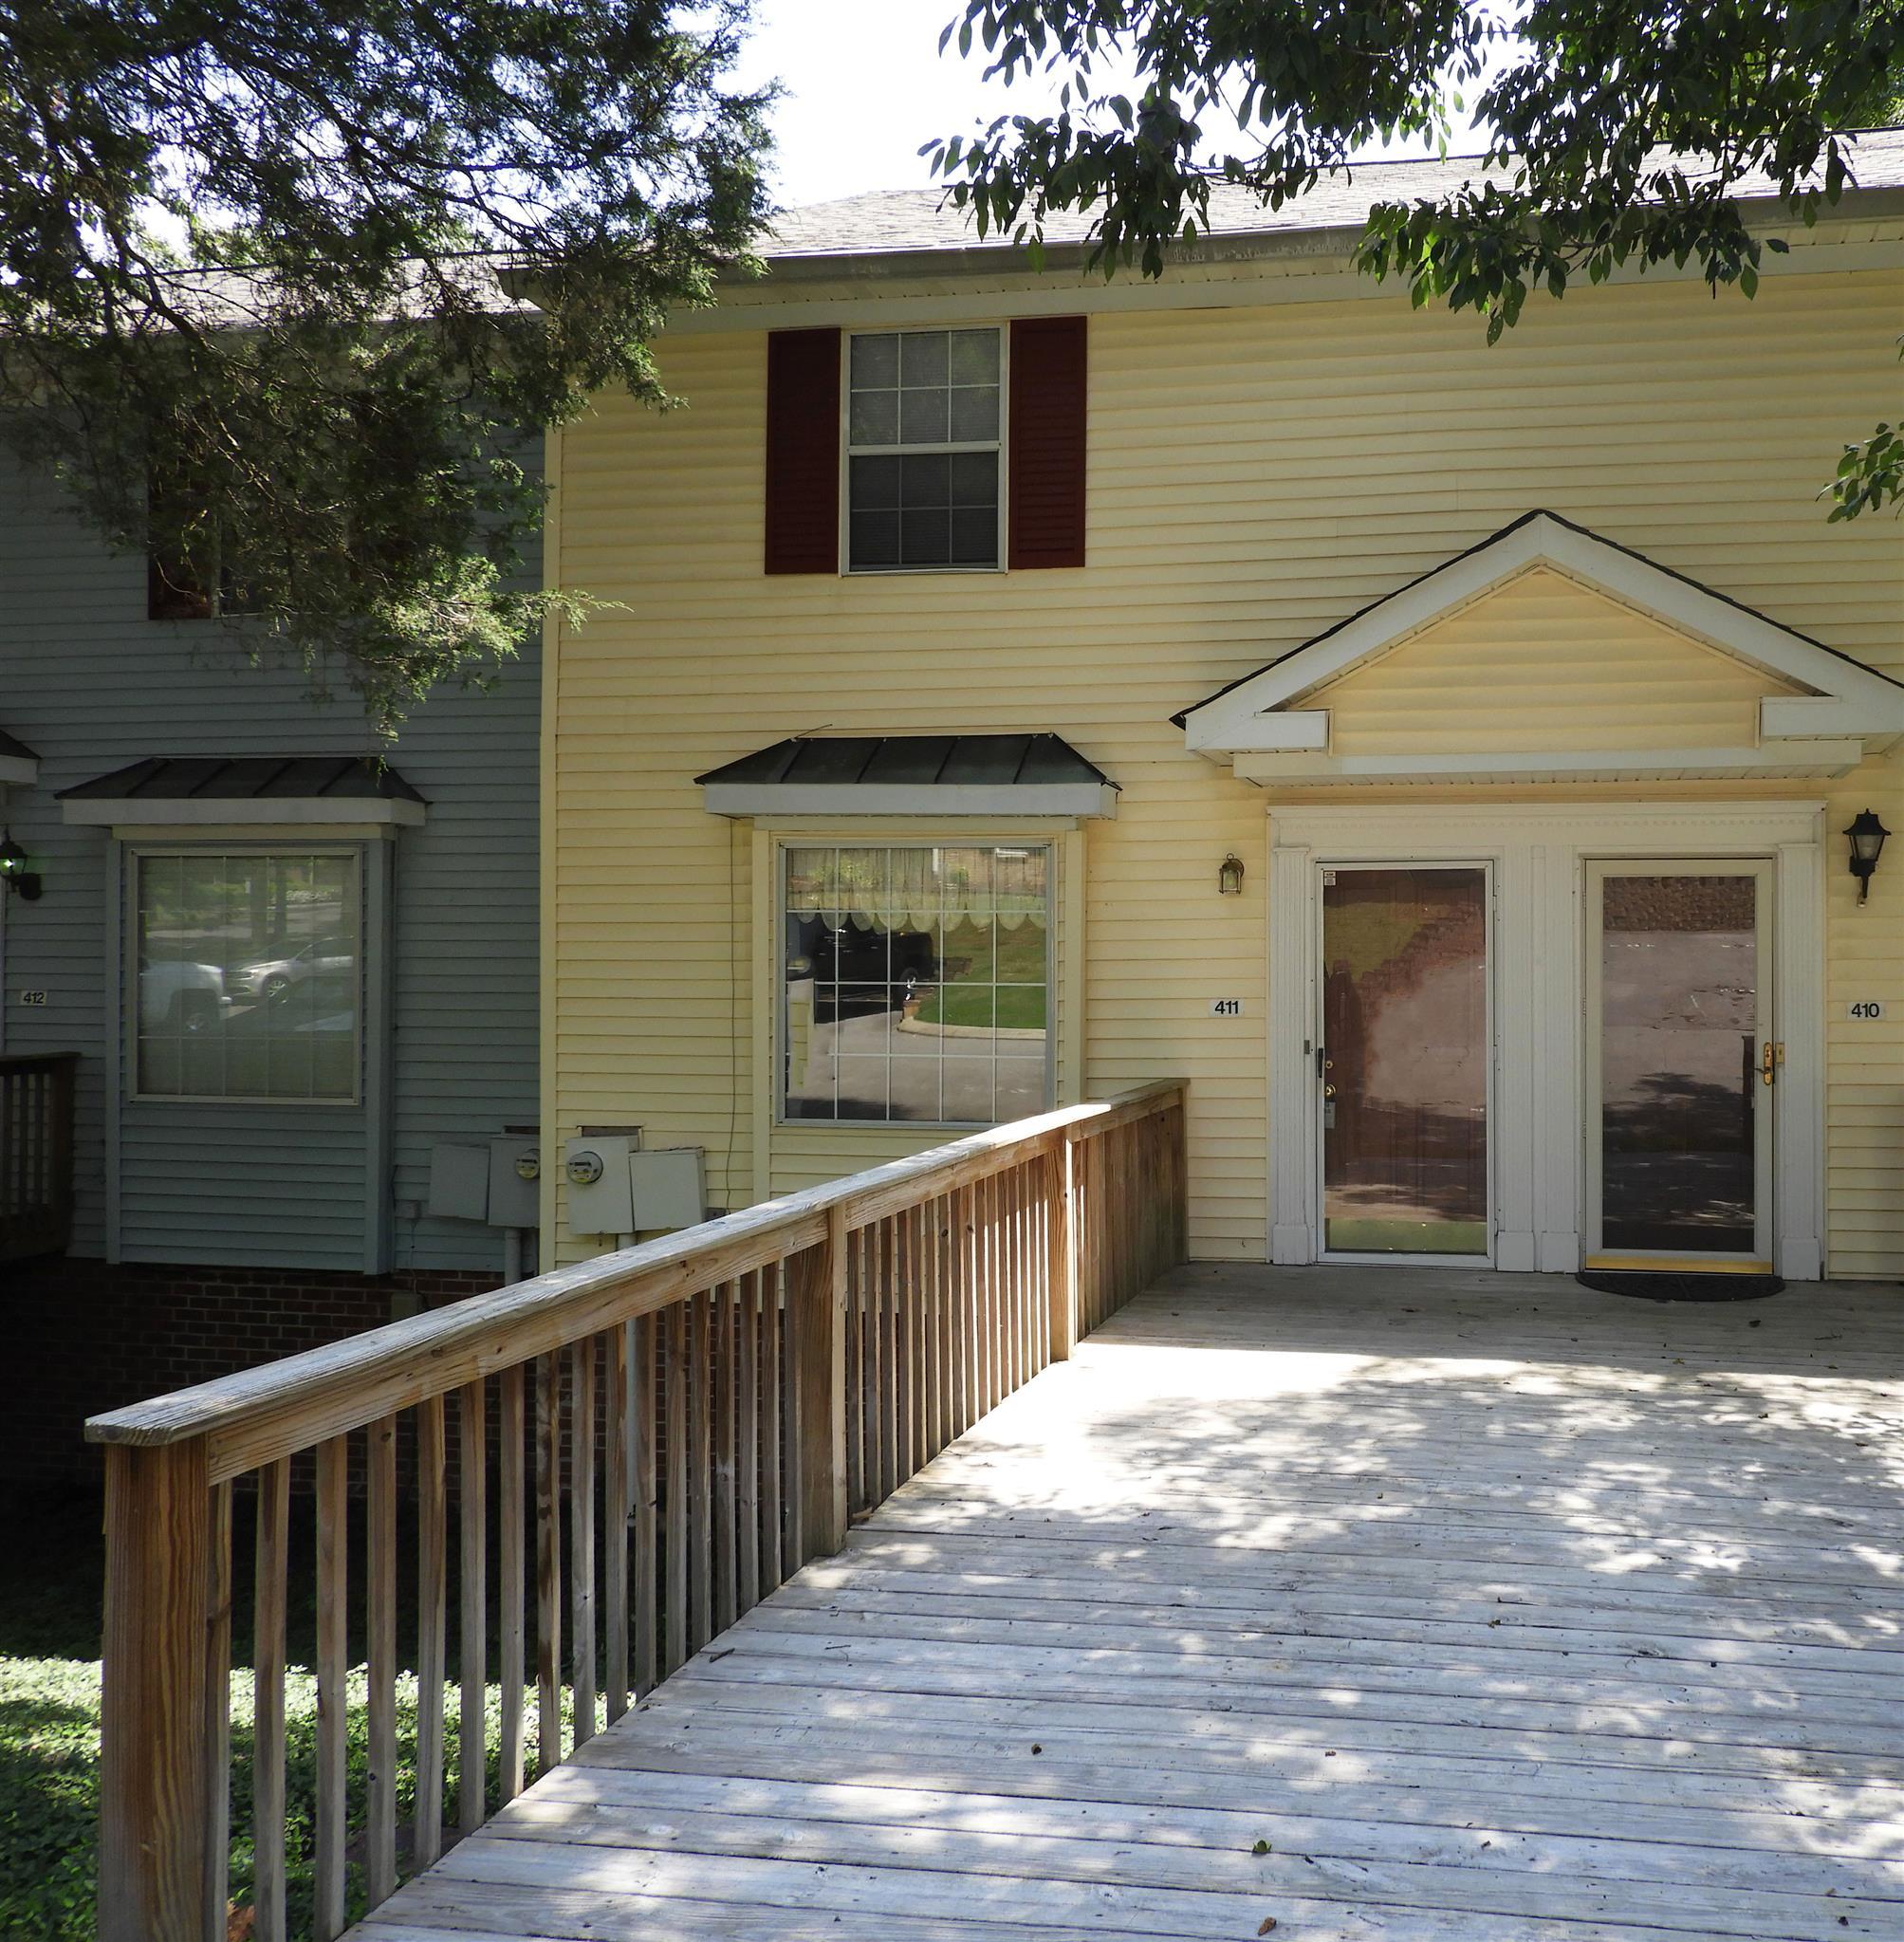 411 Oak Forge Dr, Antioch, TN 37013 - Antioch, TN real estate listing